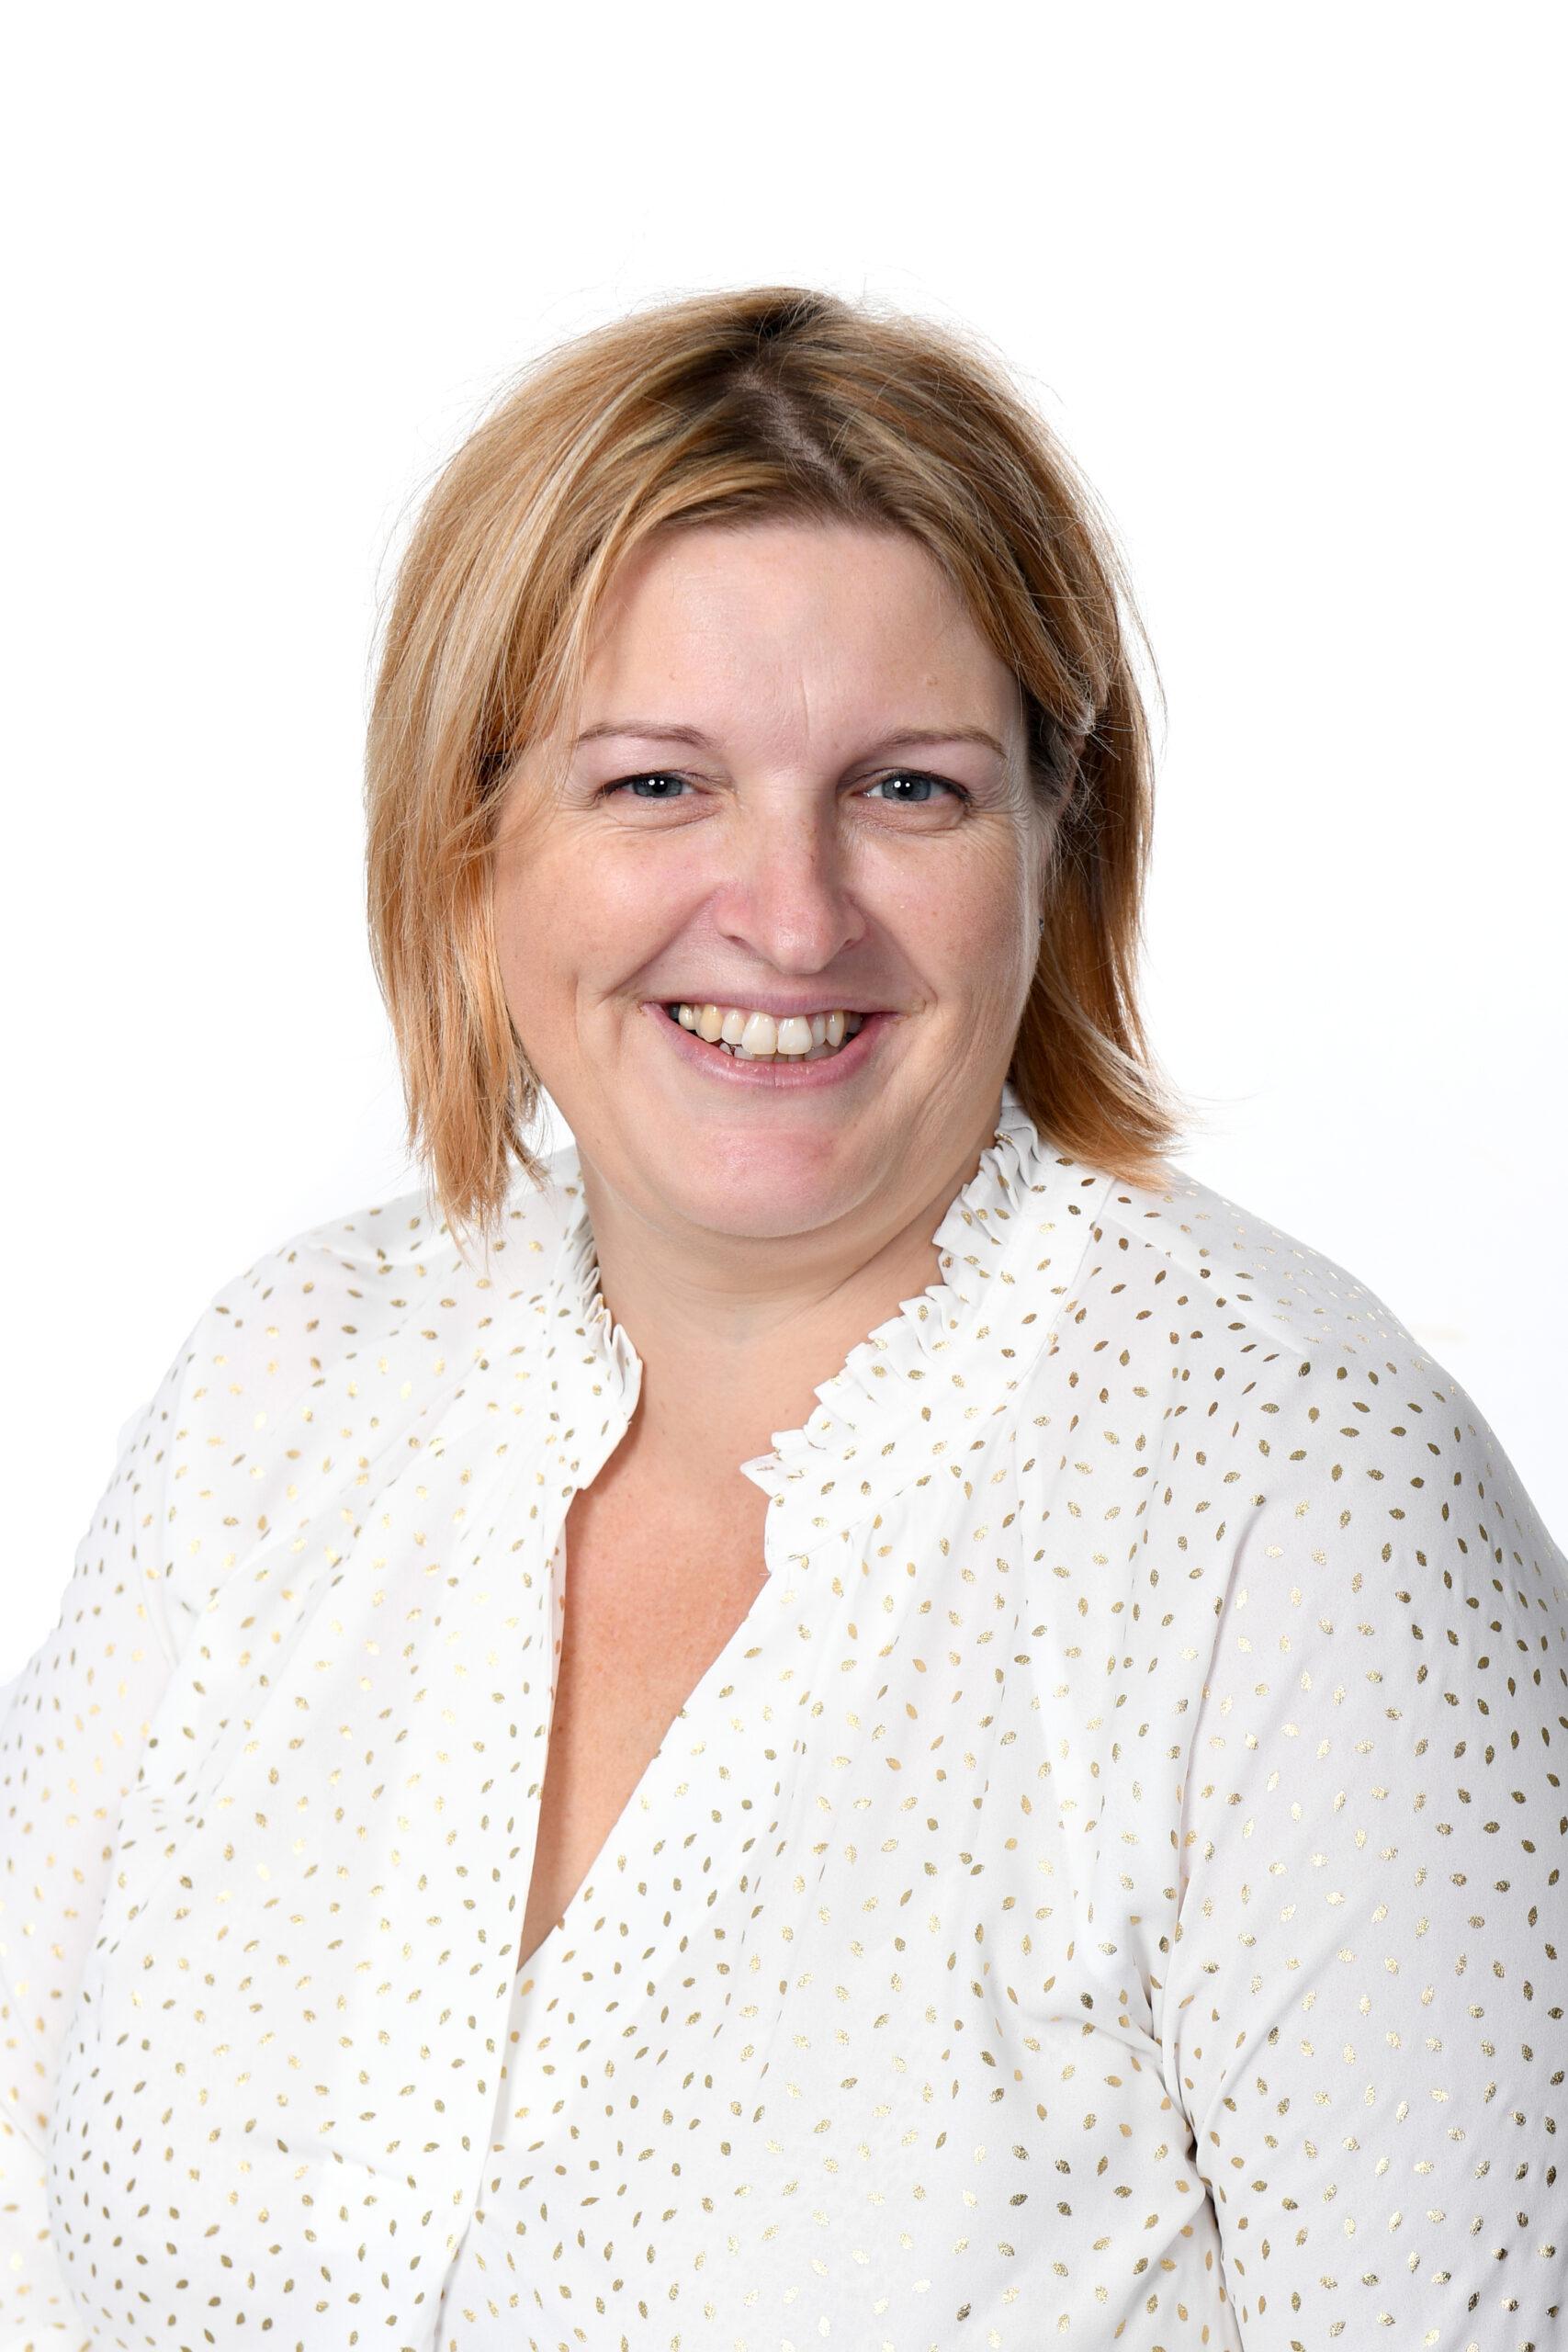 Nathalie Emanuel, Head of Independent Living Skills